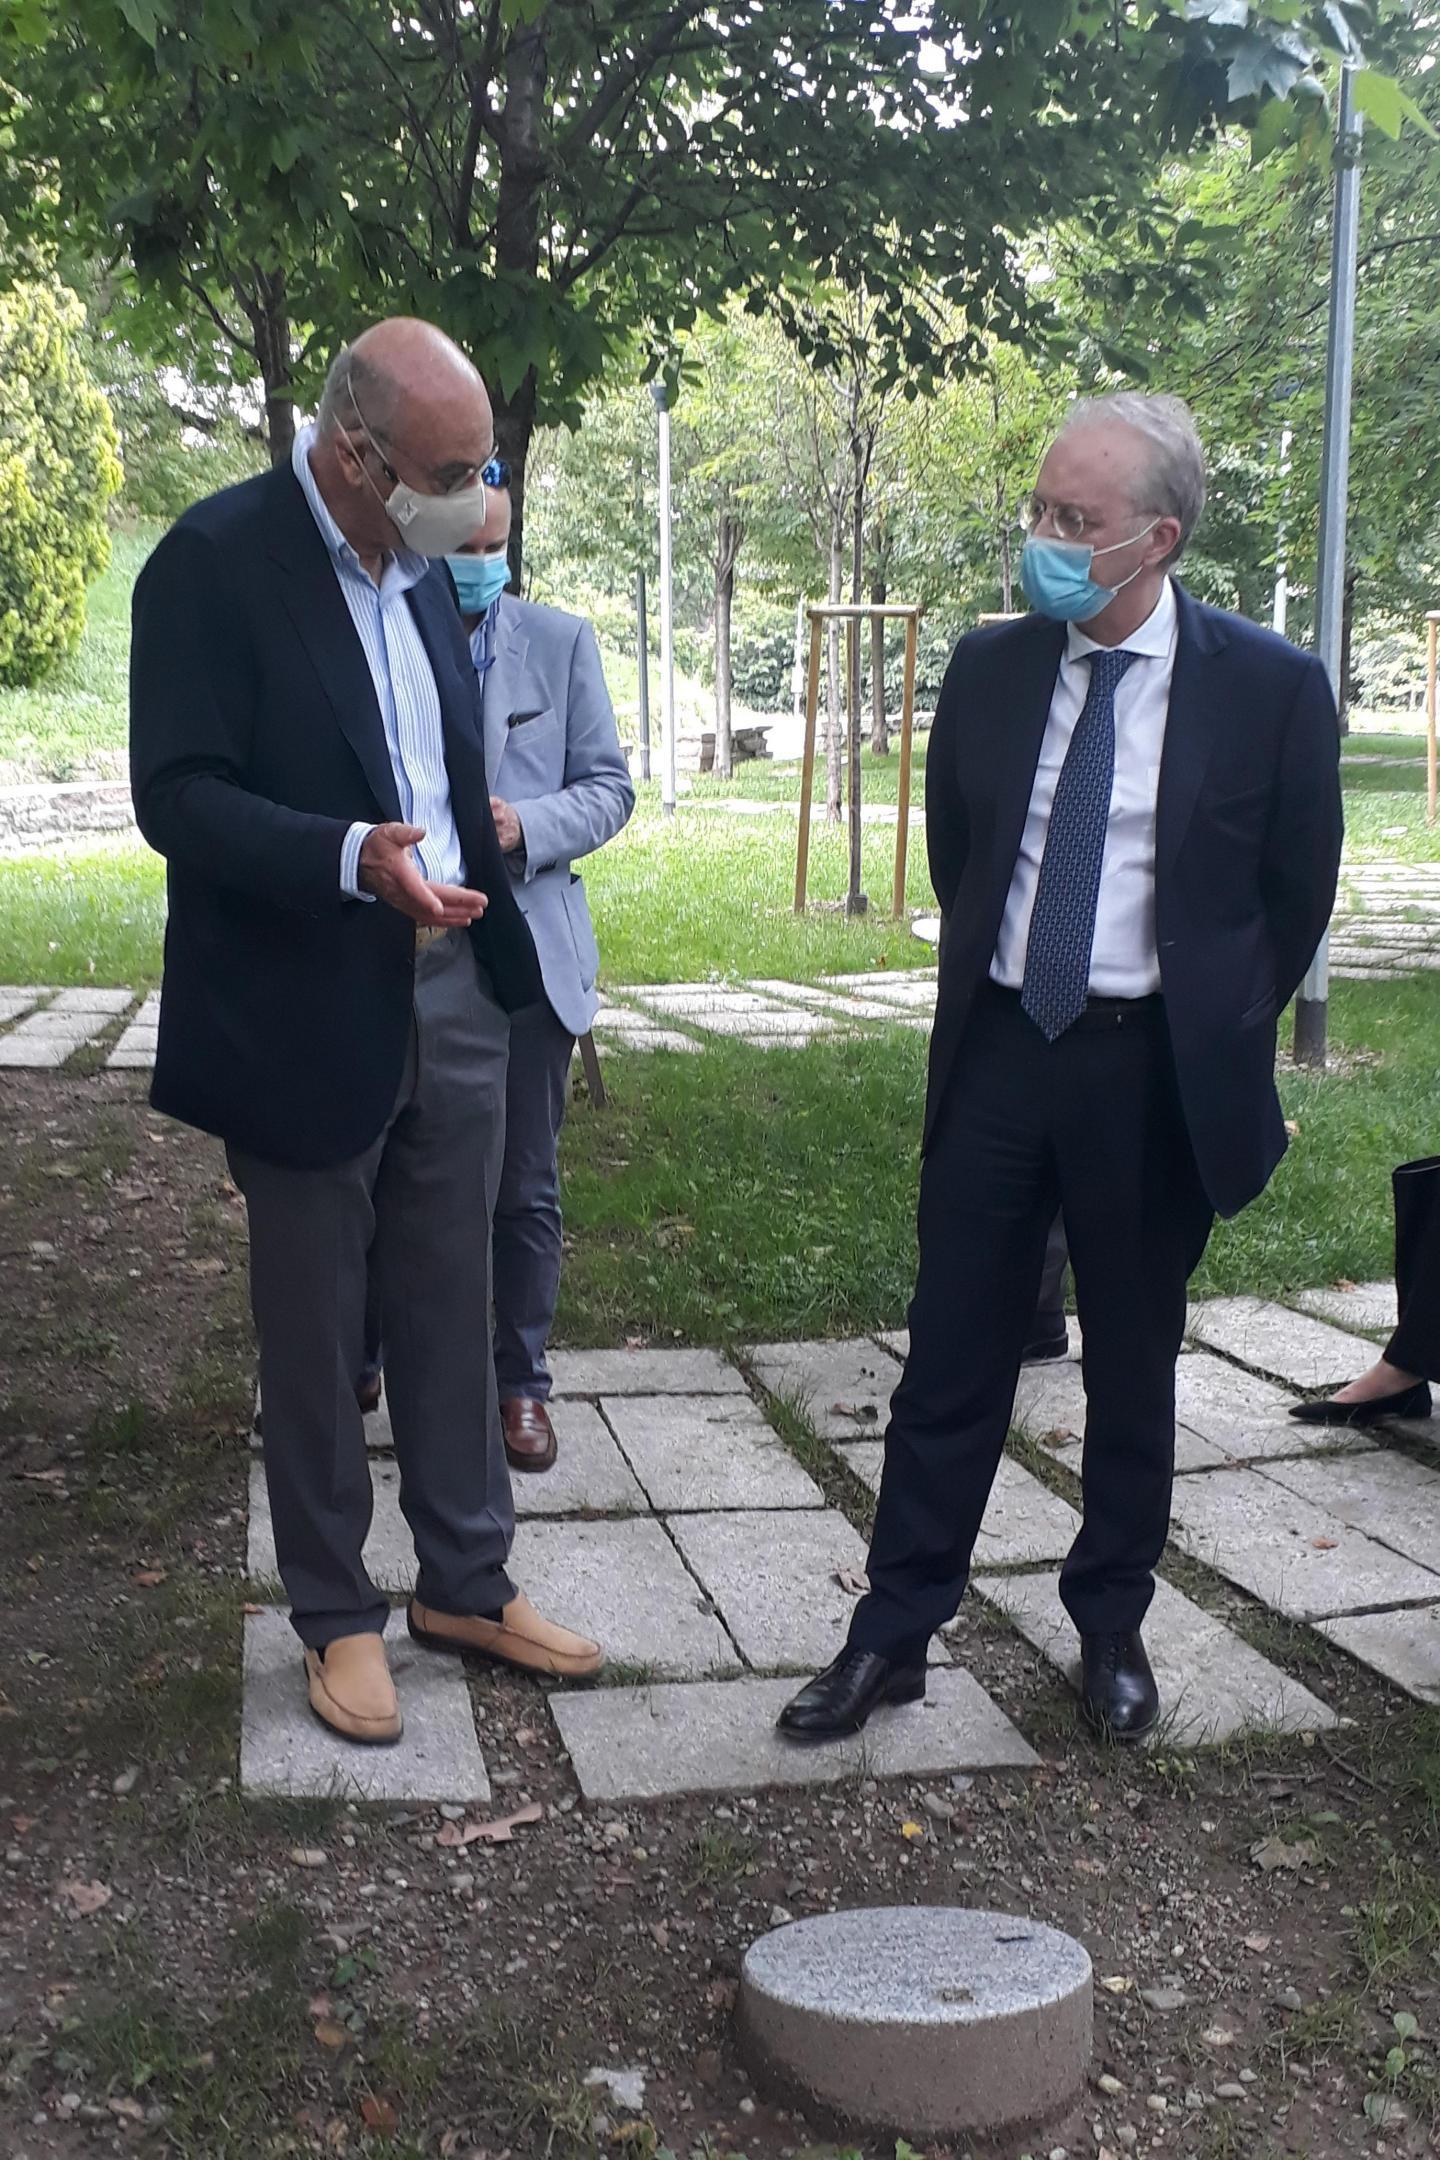 Il presidente di Gariwo, Gabriele Nissim, con il Prefetto di Milano, Renato Saccone